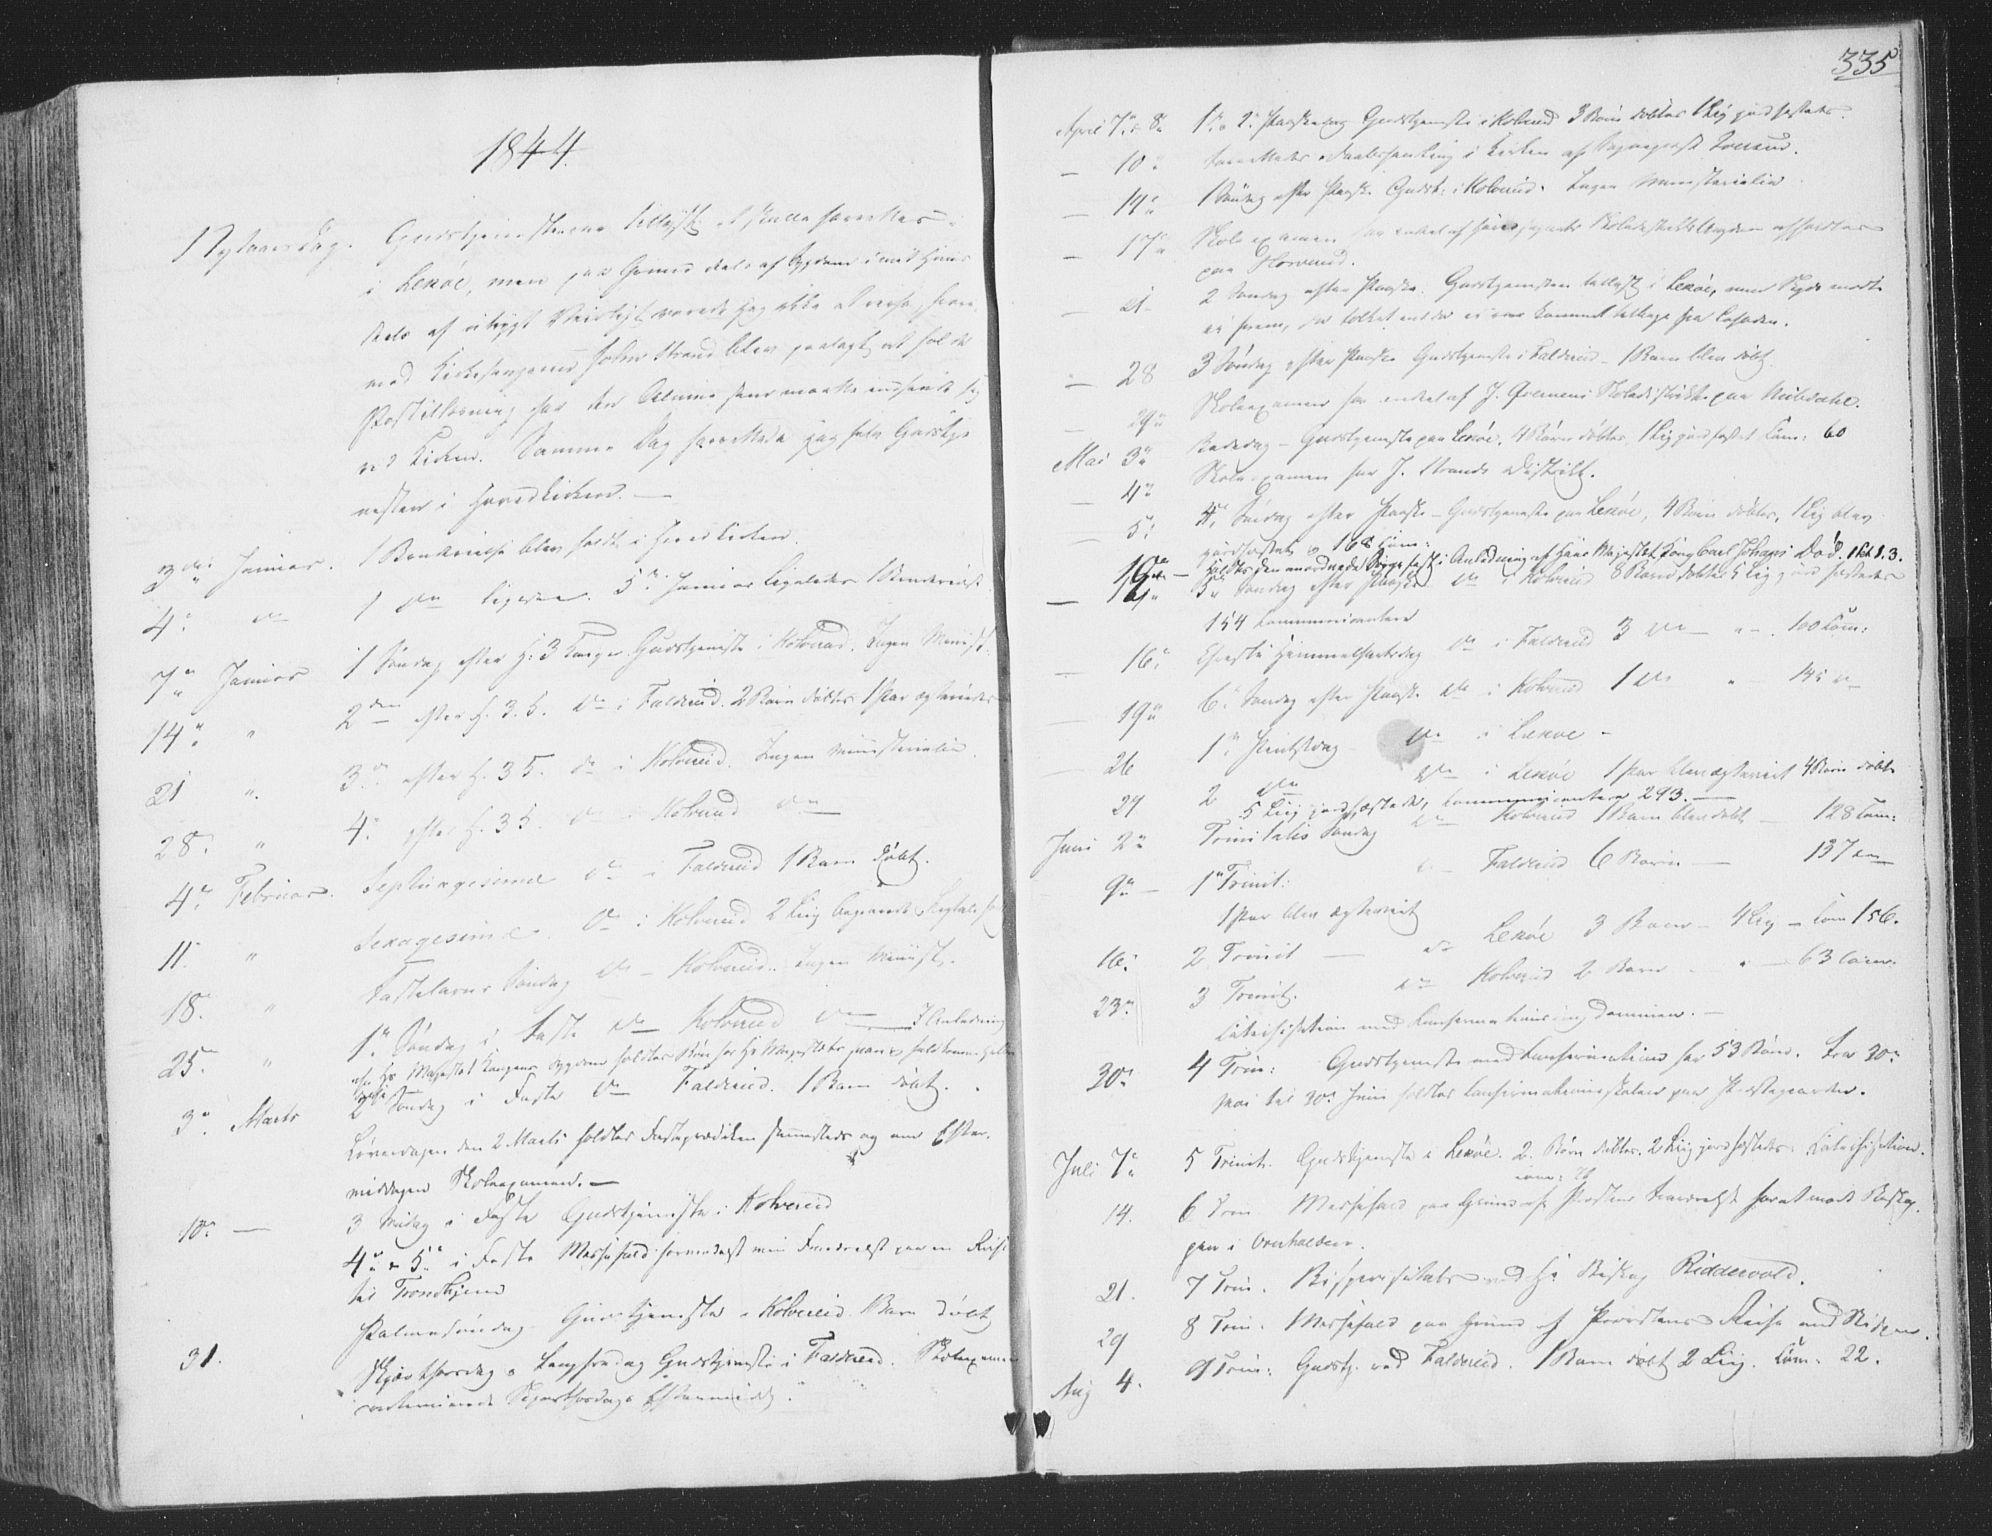 SAT, Ministerialprotokoller, klokkerbøker og fødselsregistre - Nord-Trøndelag, 780/L0639: Ministerialbok nr. 780A04, 1830-1844, s. 335